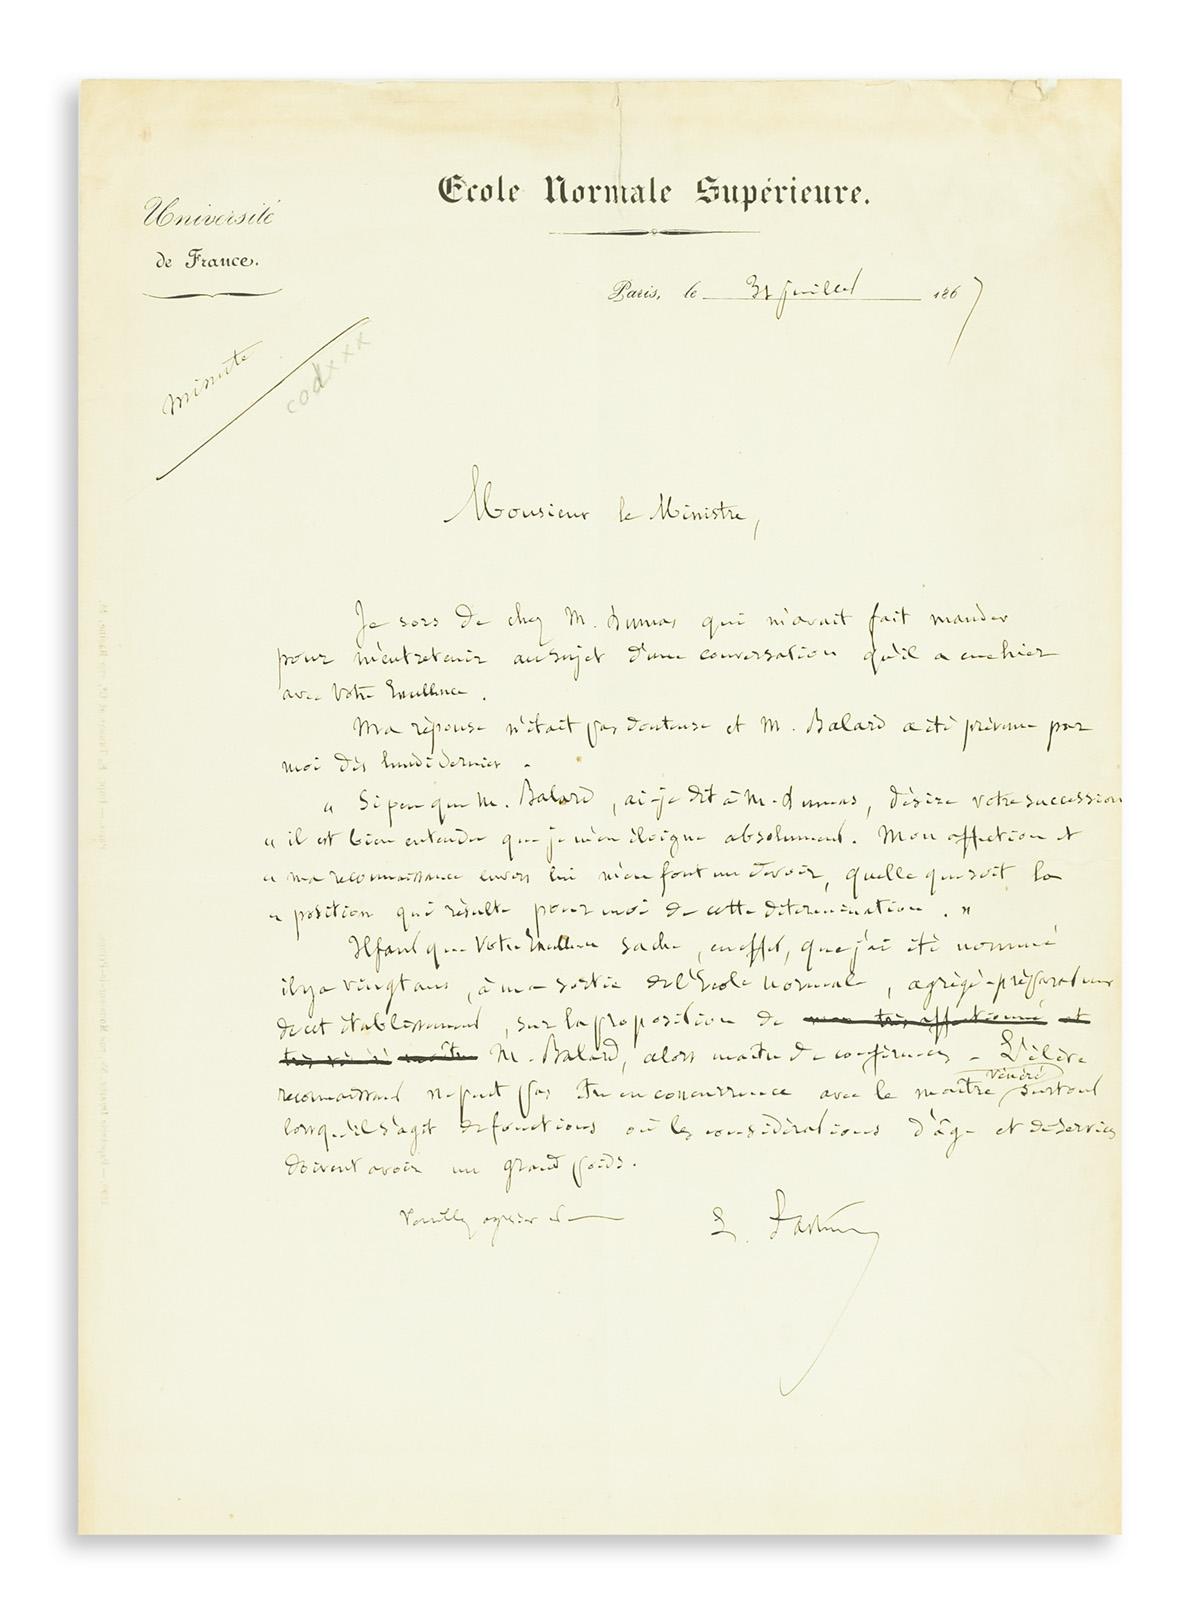 (SCIENTISTS)-PASTEUR-LOUIS-Autograph-Letter-Signed-L-Pasteur